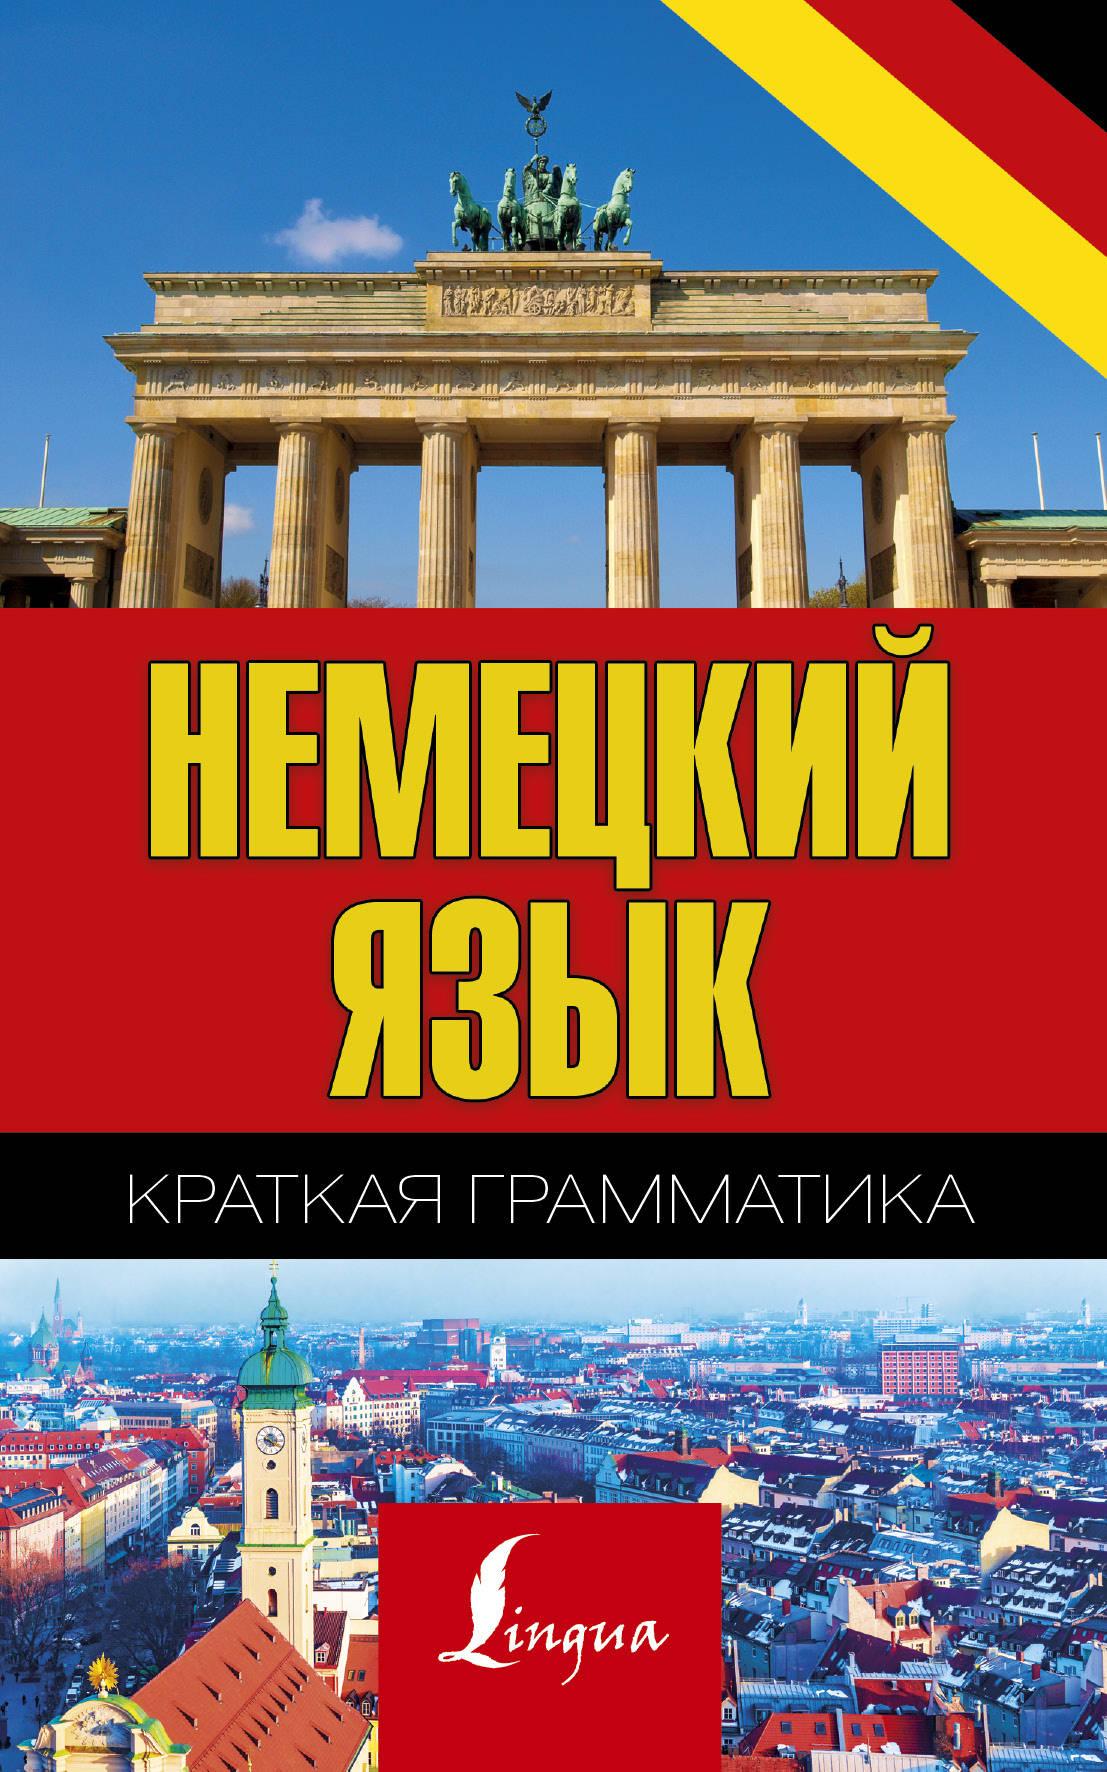 Матвеев С.А. Краткая грамматика немецкого языка в казани немецкого дога